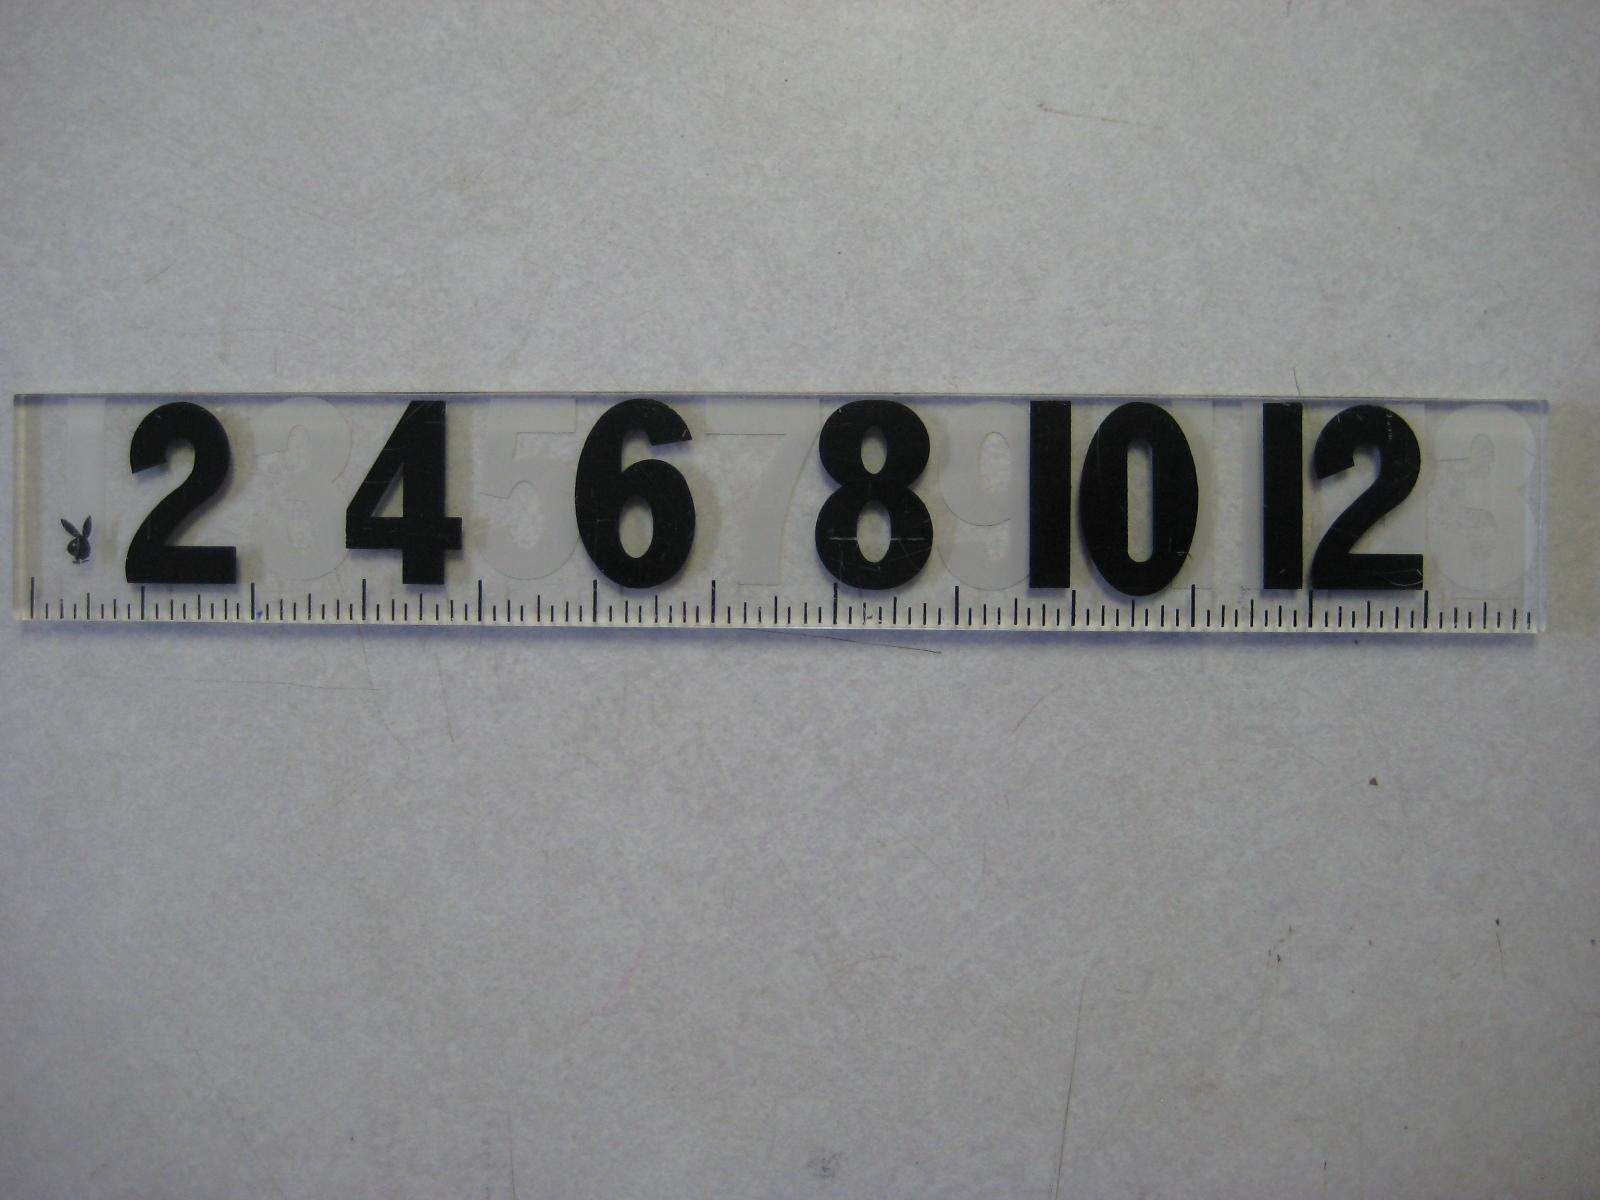 Playboy 13 inch Ruler